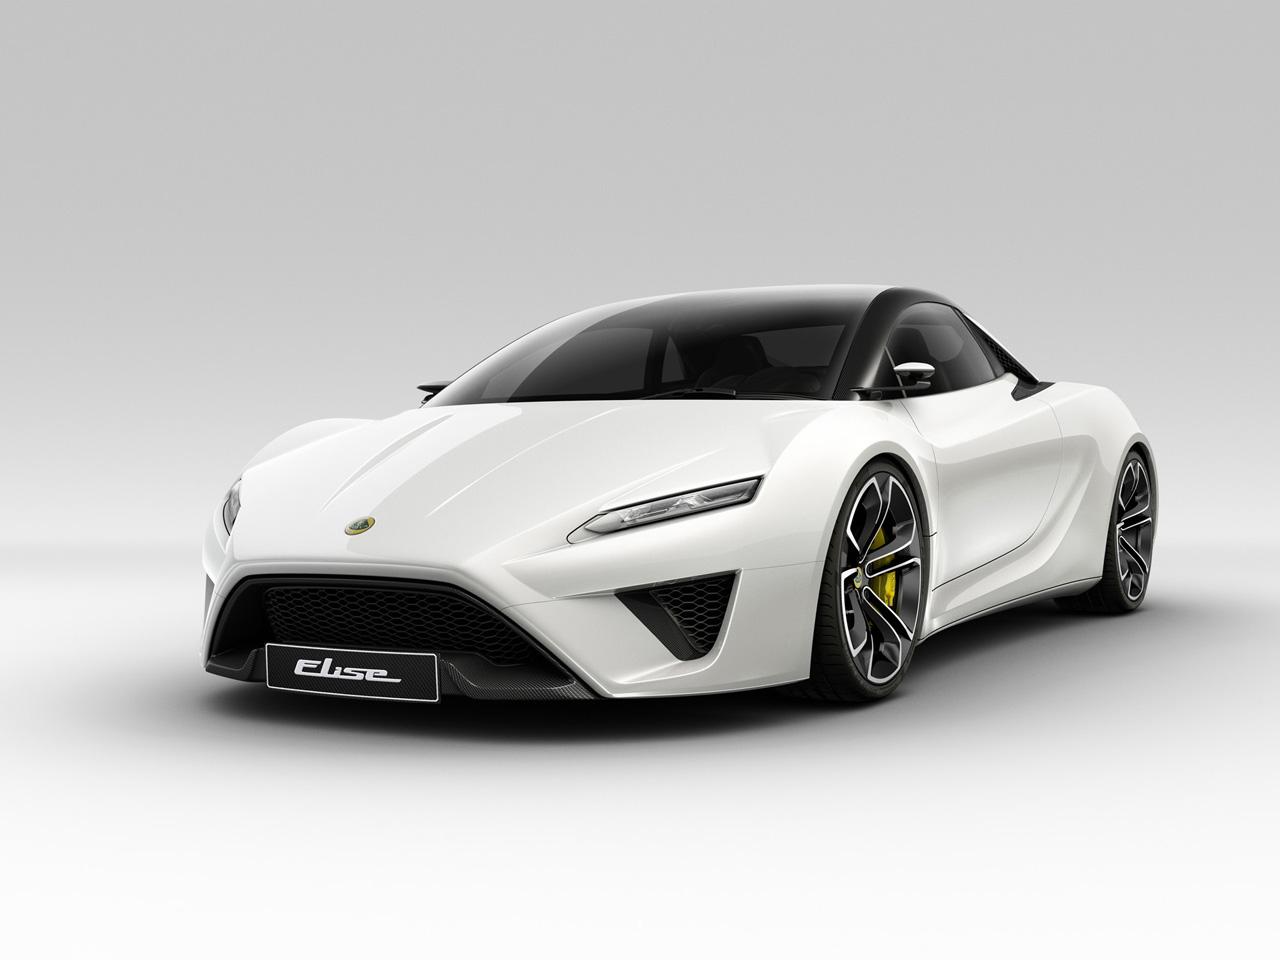 2015-Lotus-Elise-Renderings-Front-Angle 480